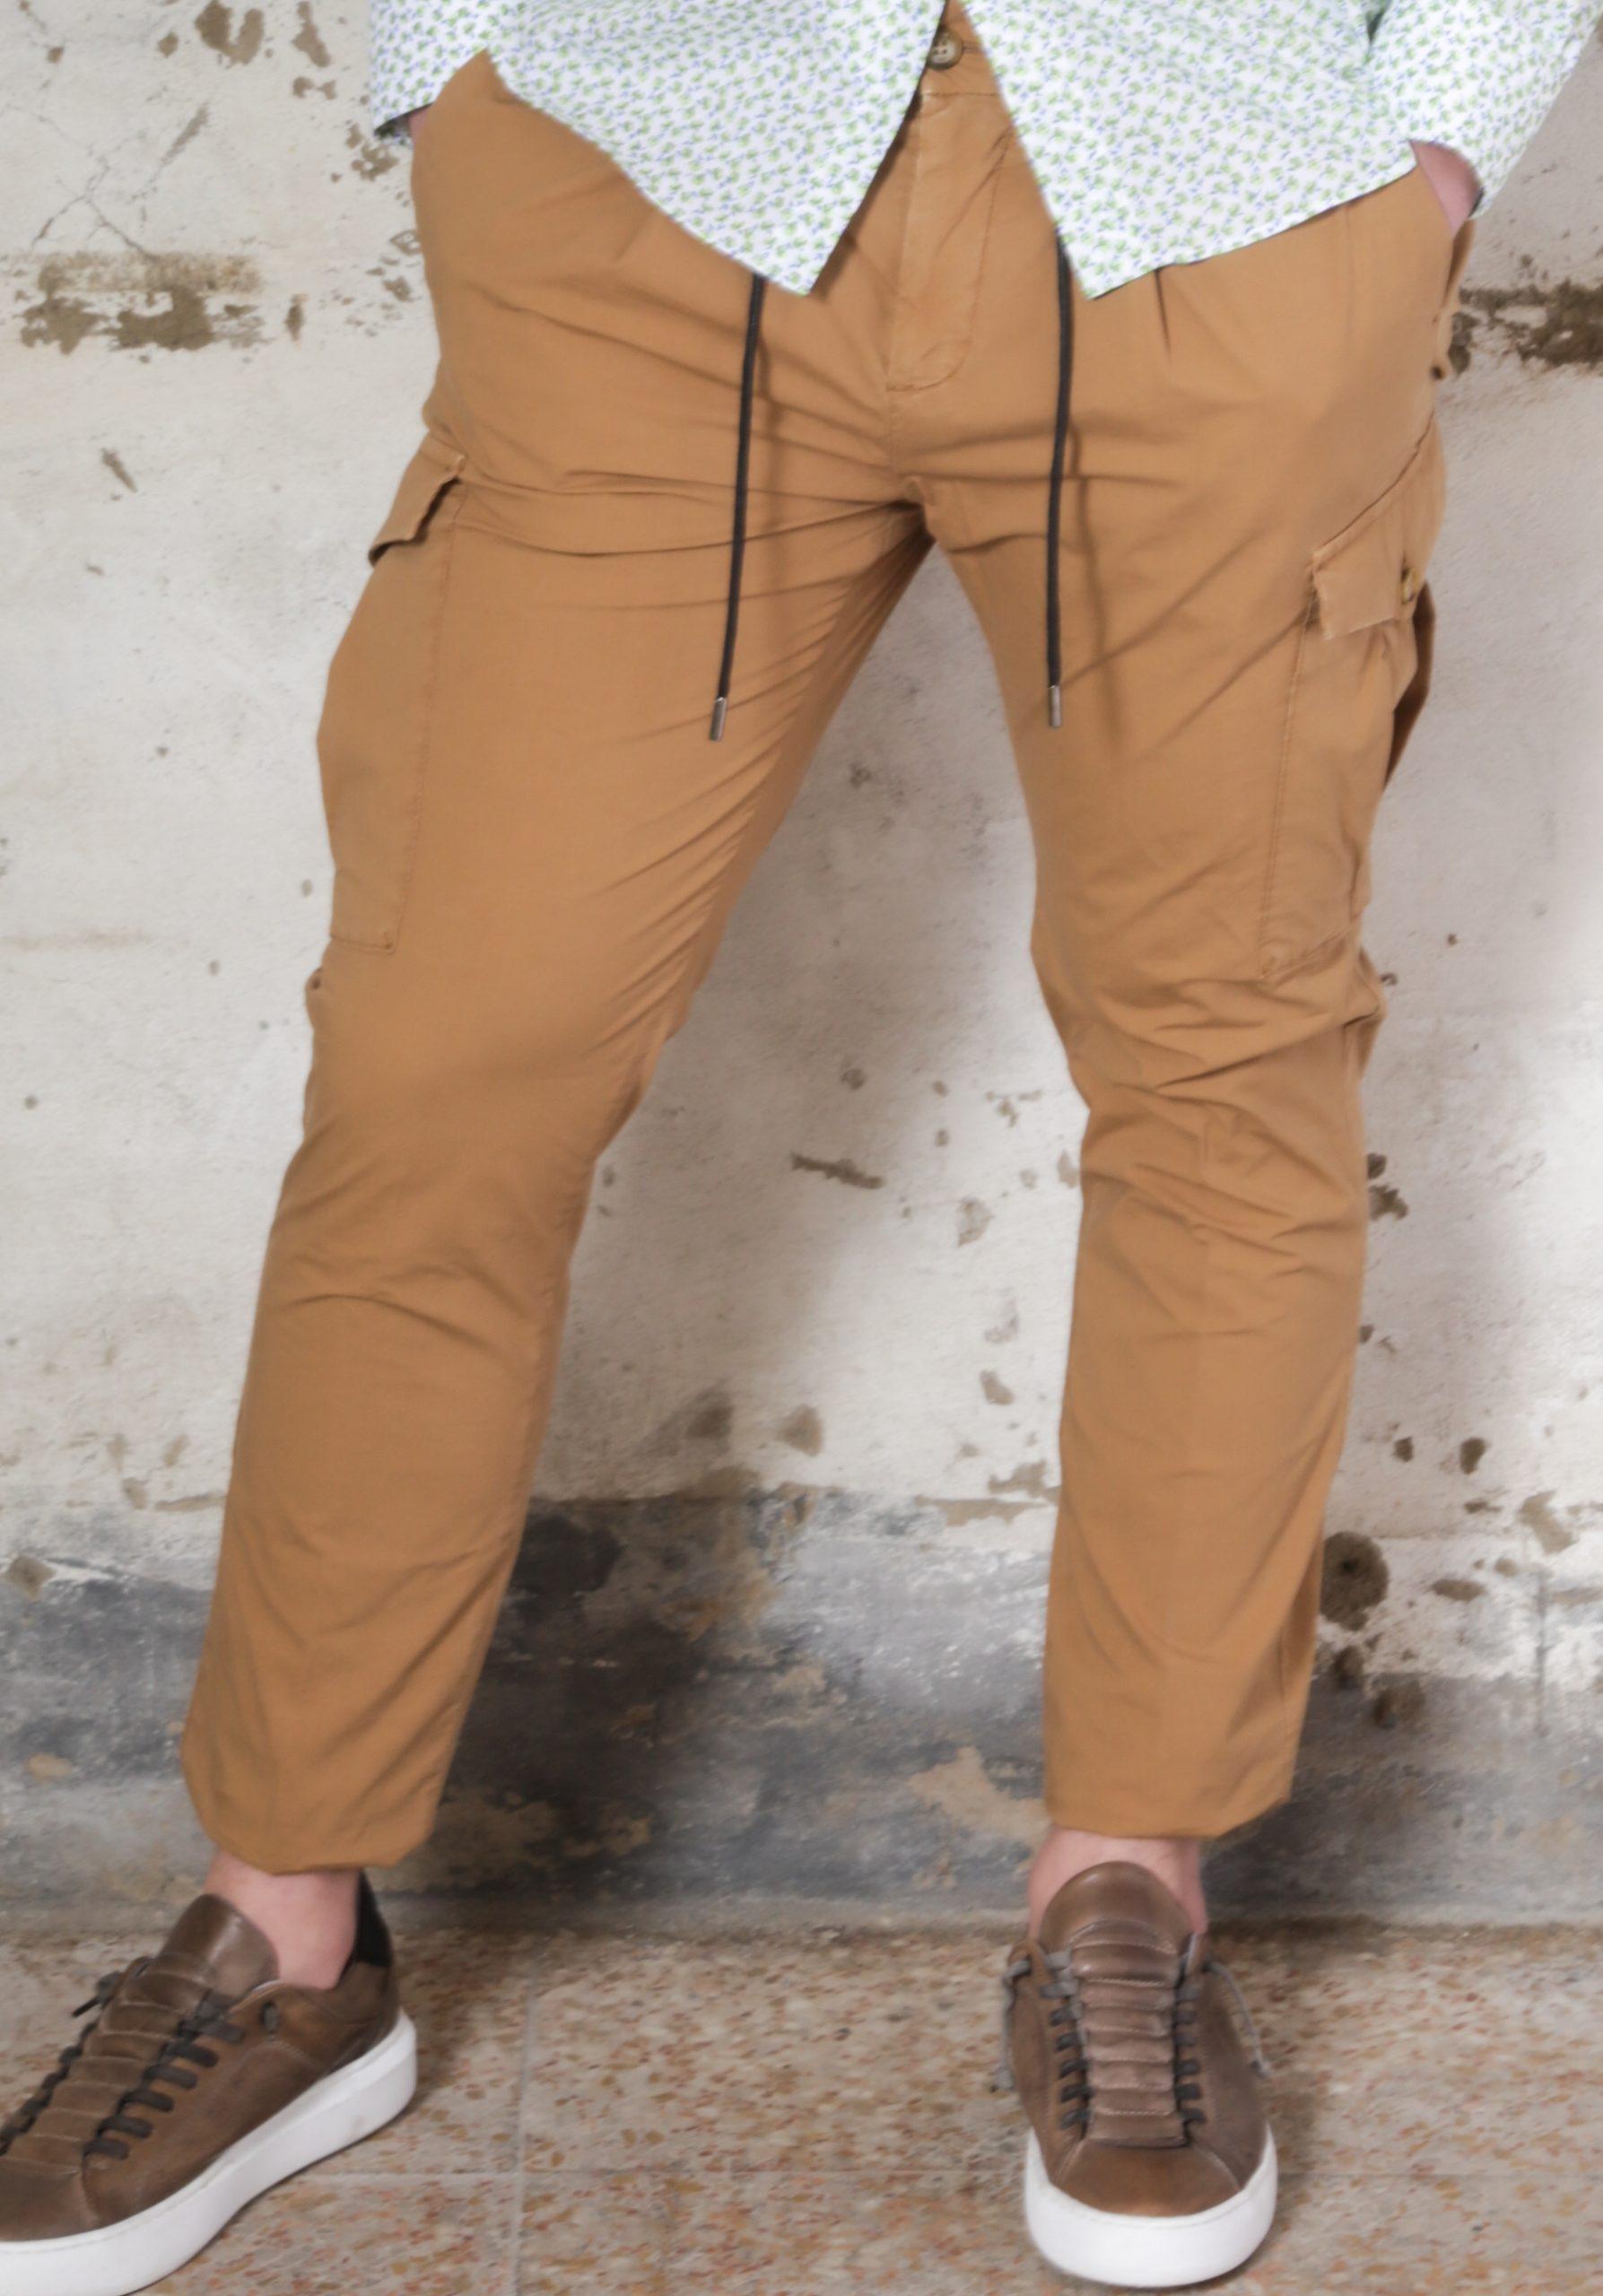 pantaloni-uomo-vendita-online